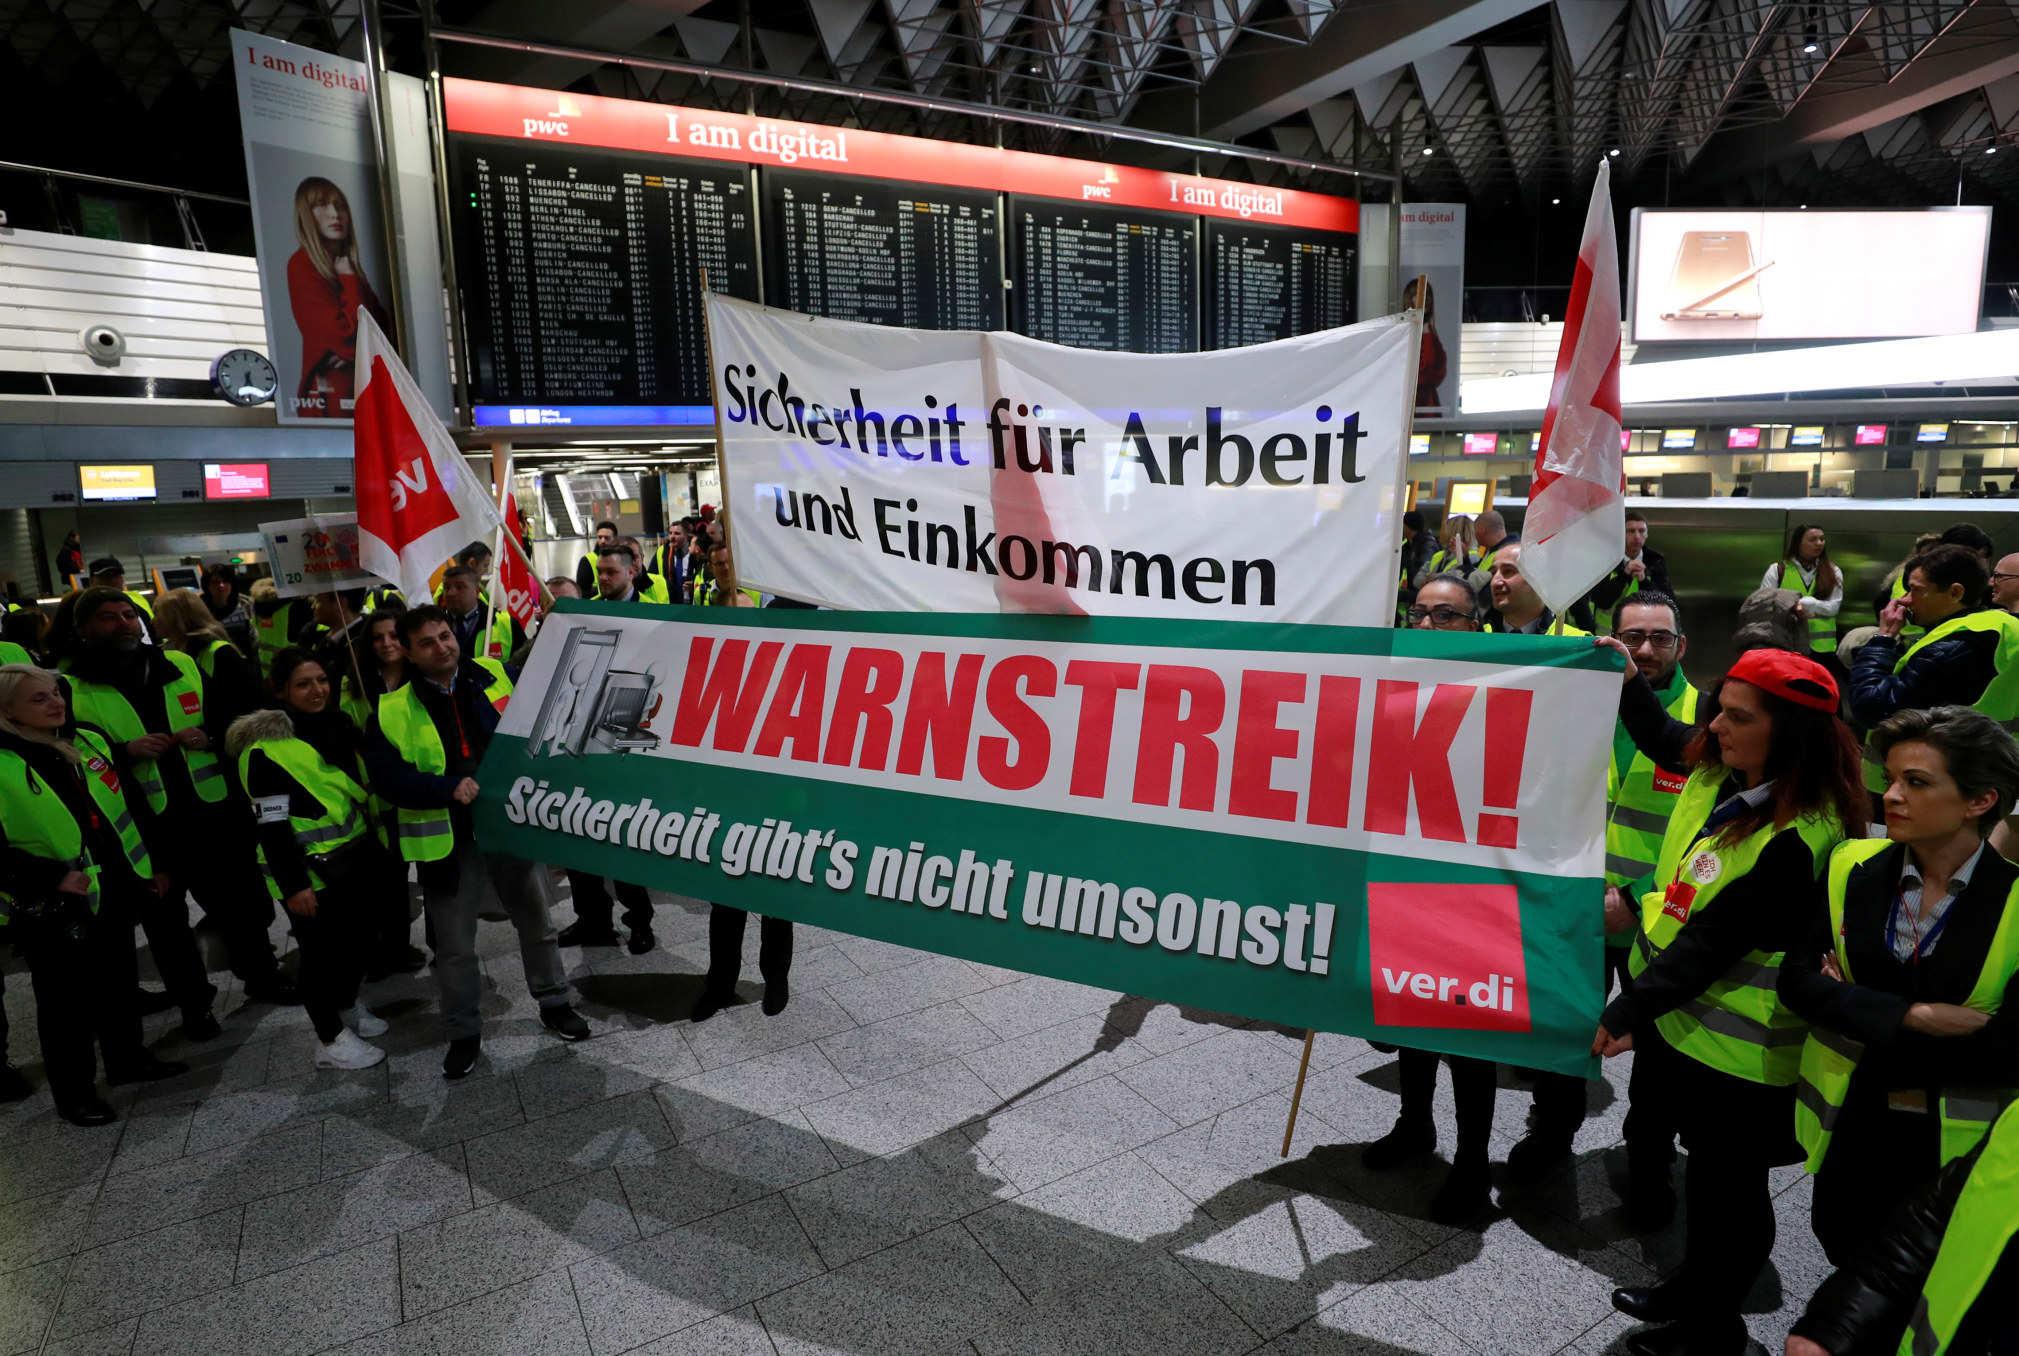 tysk_strejke_rammer_mindst_220.000_flypassagerer.jpg